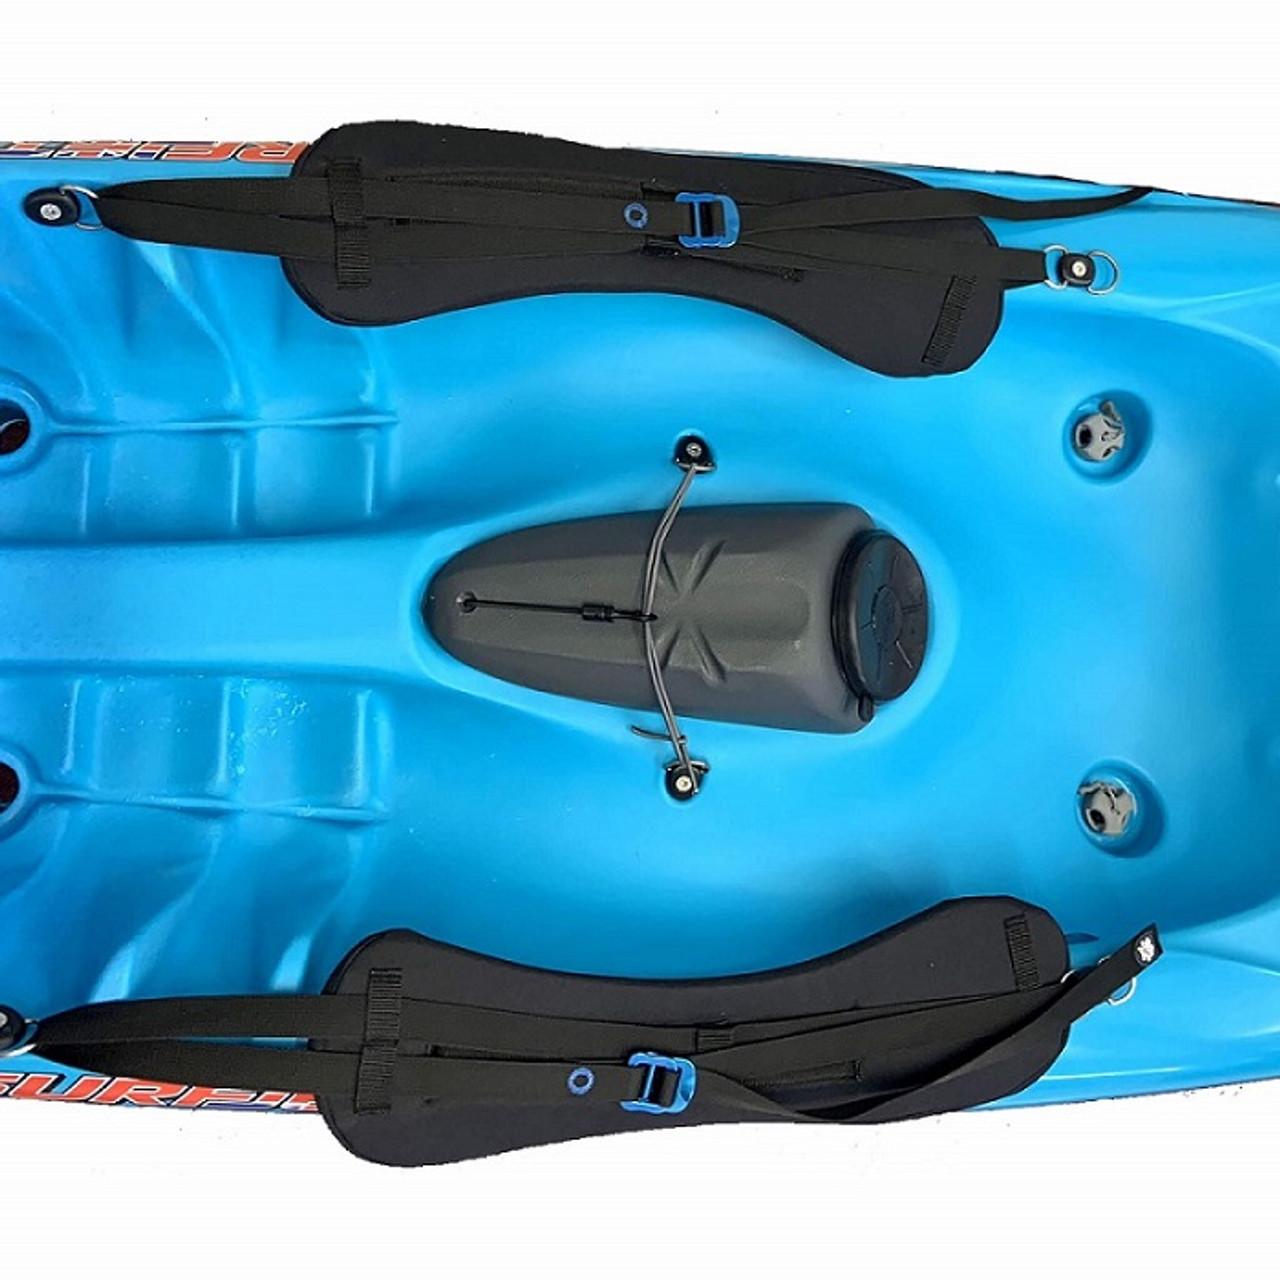 Pyranha Surf Jet 2.0 thigh control straps